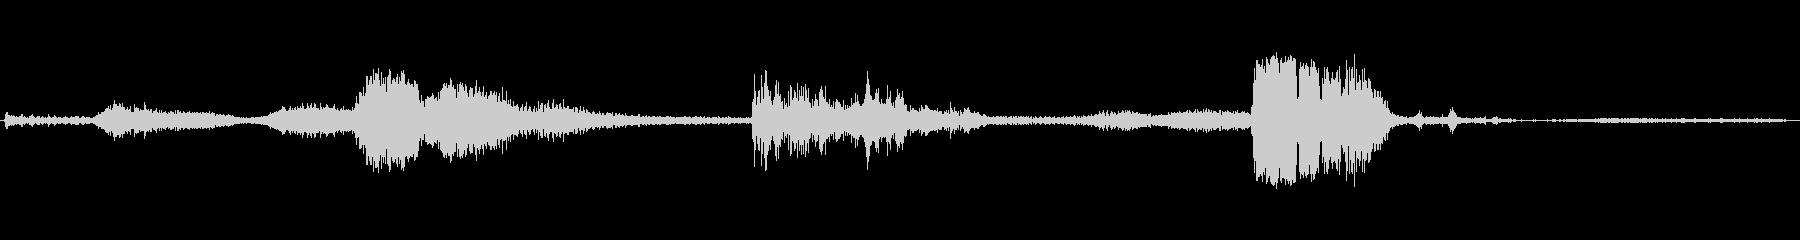 ポルシェ928:スタート、レブアン...の未再生の波形